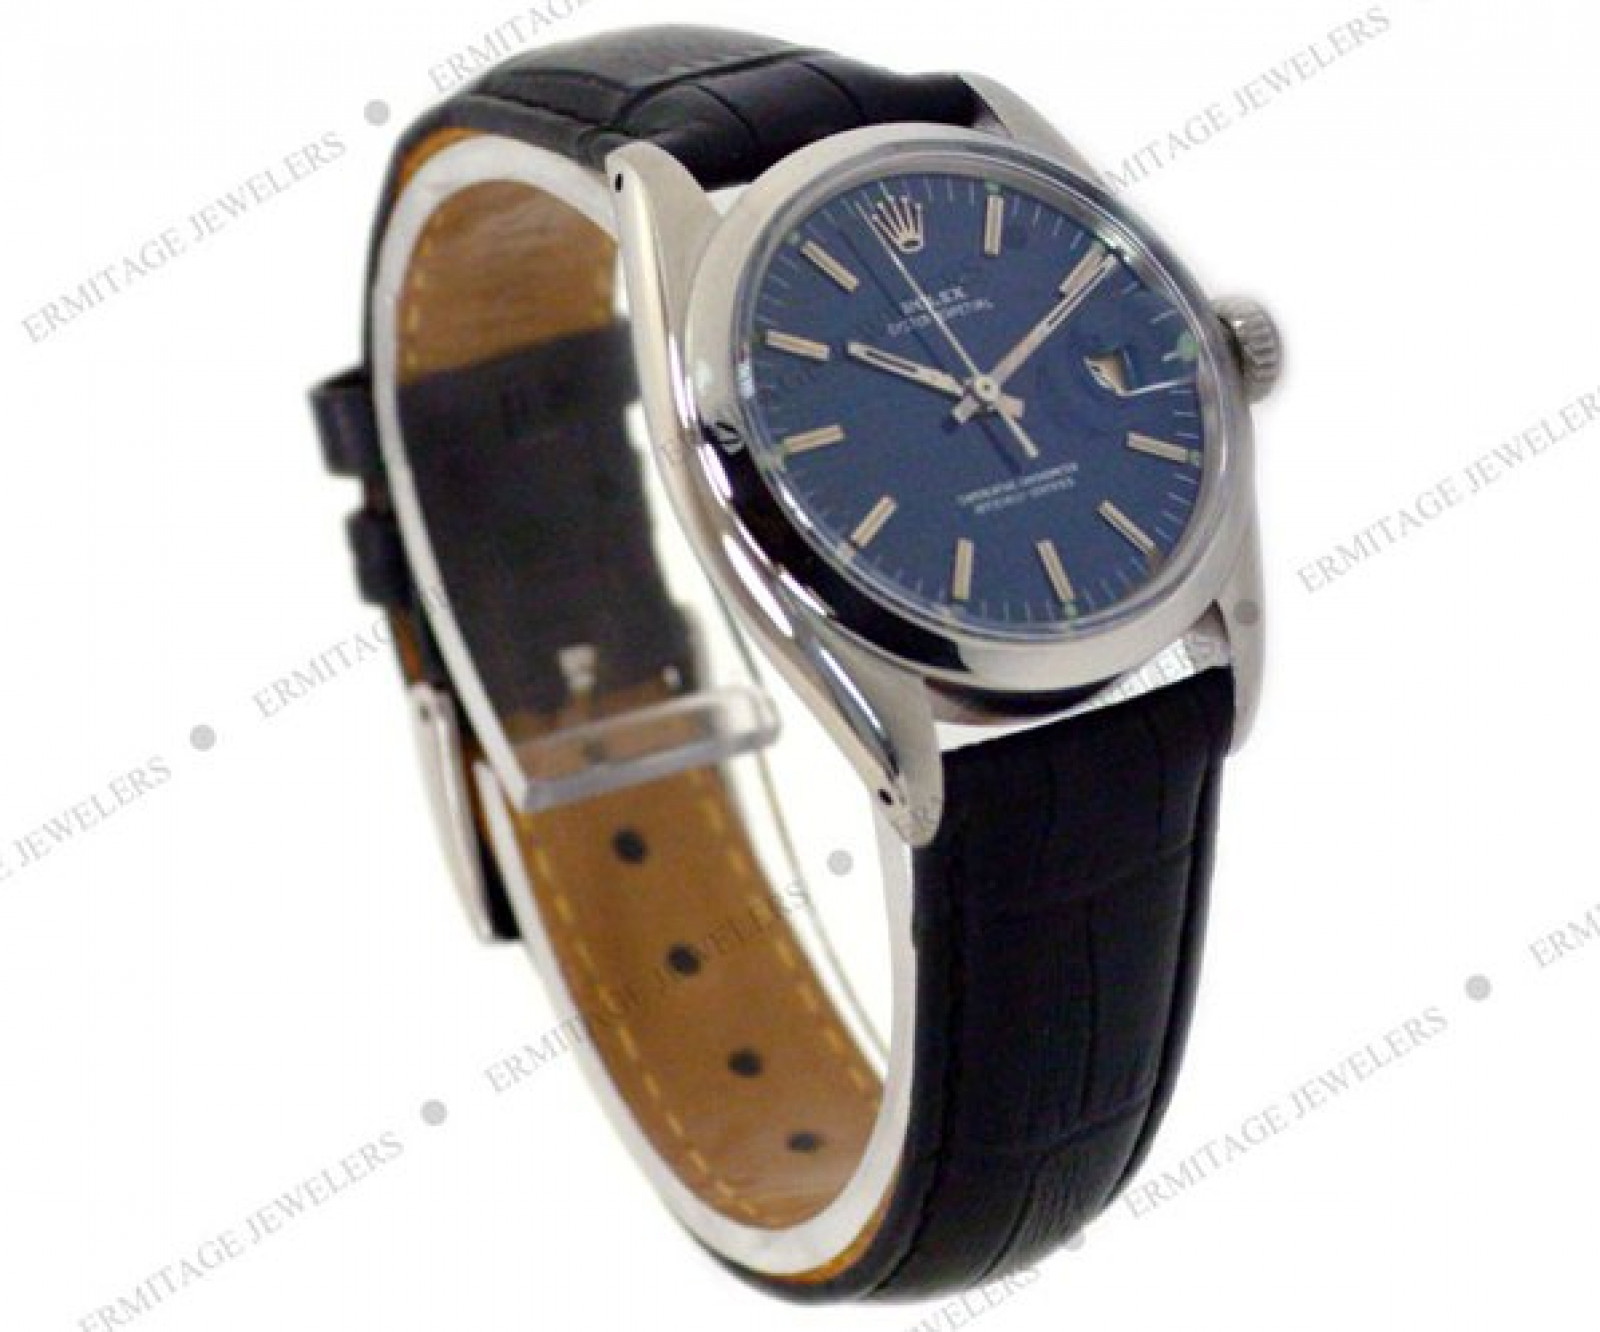 Vintage Rolex Date 1500 Steel Year Circa 1965